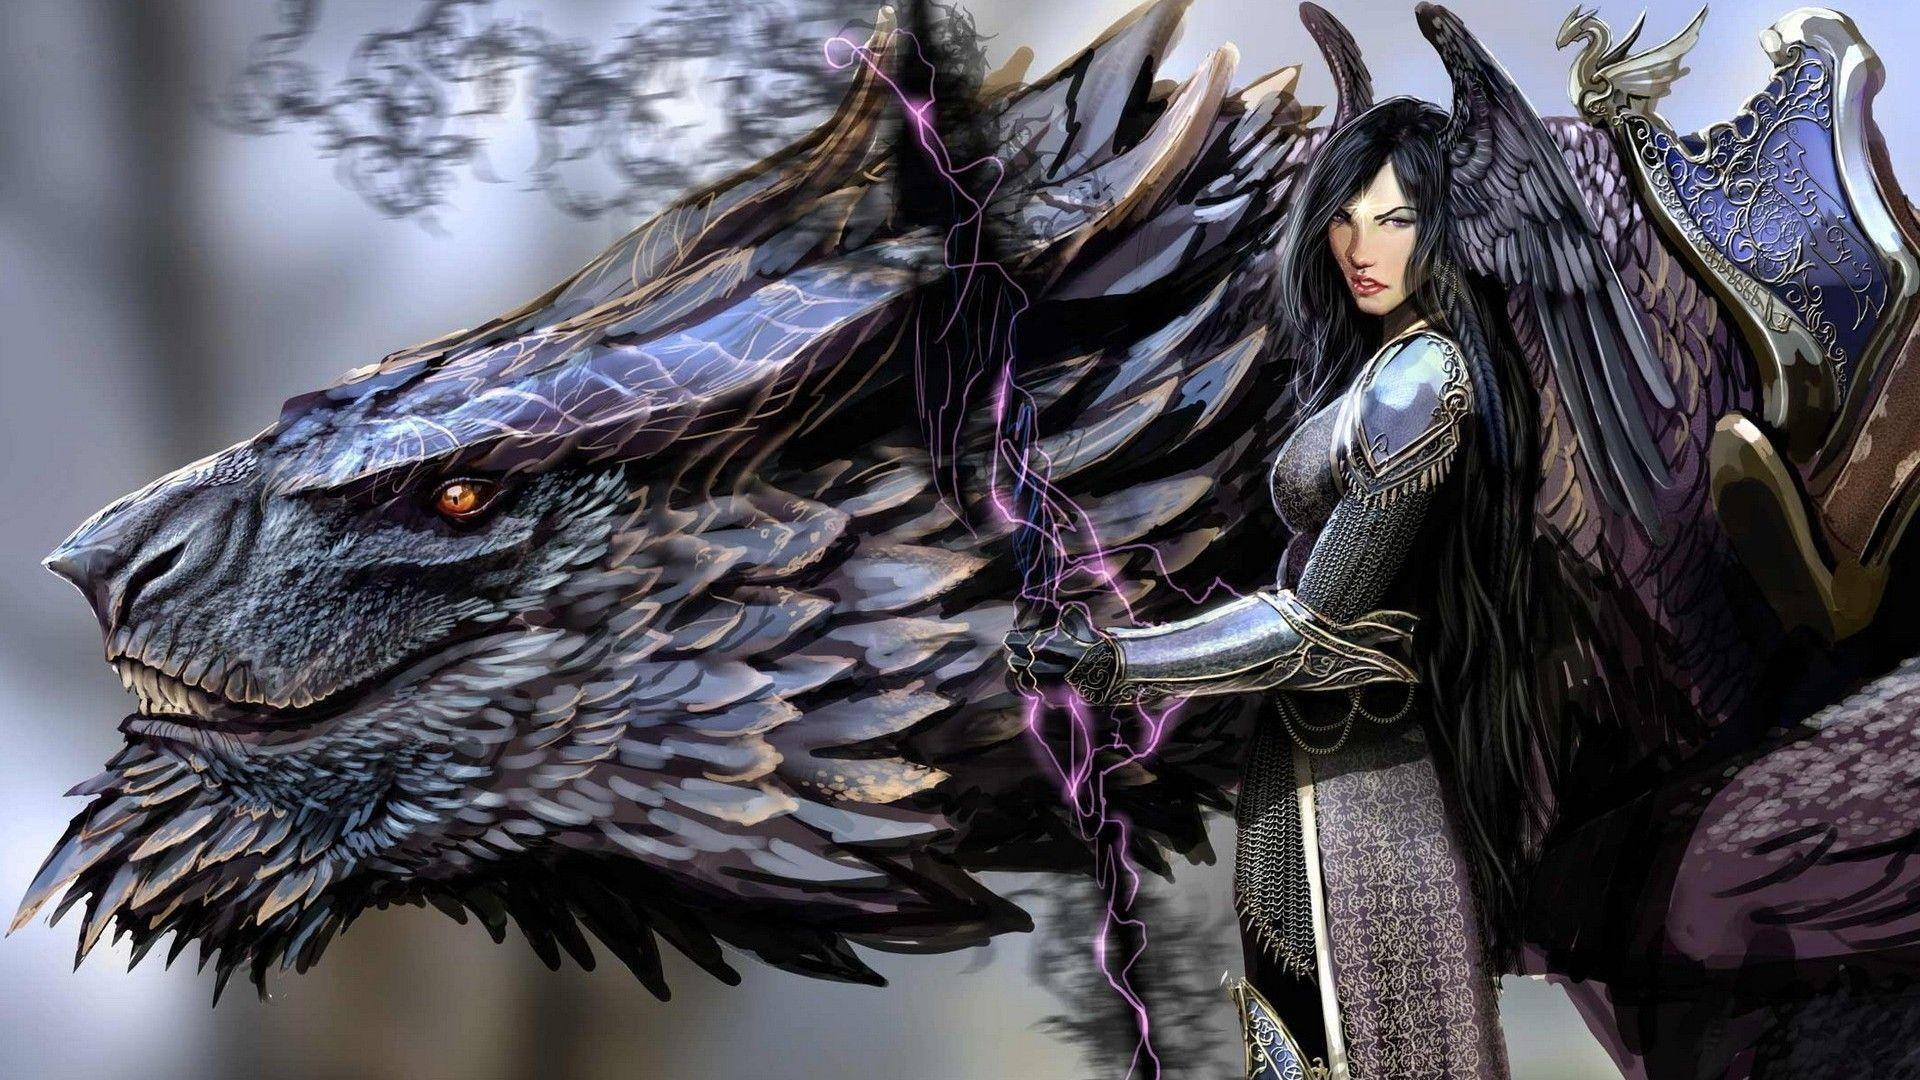 Artwork Concept Art Women Dragon Warrior Fantasy Art Wallpapers Hd Fantasy Dragon Dragon Art Beast Wallpaper